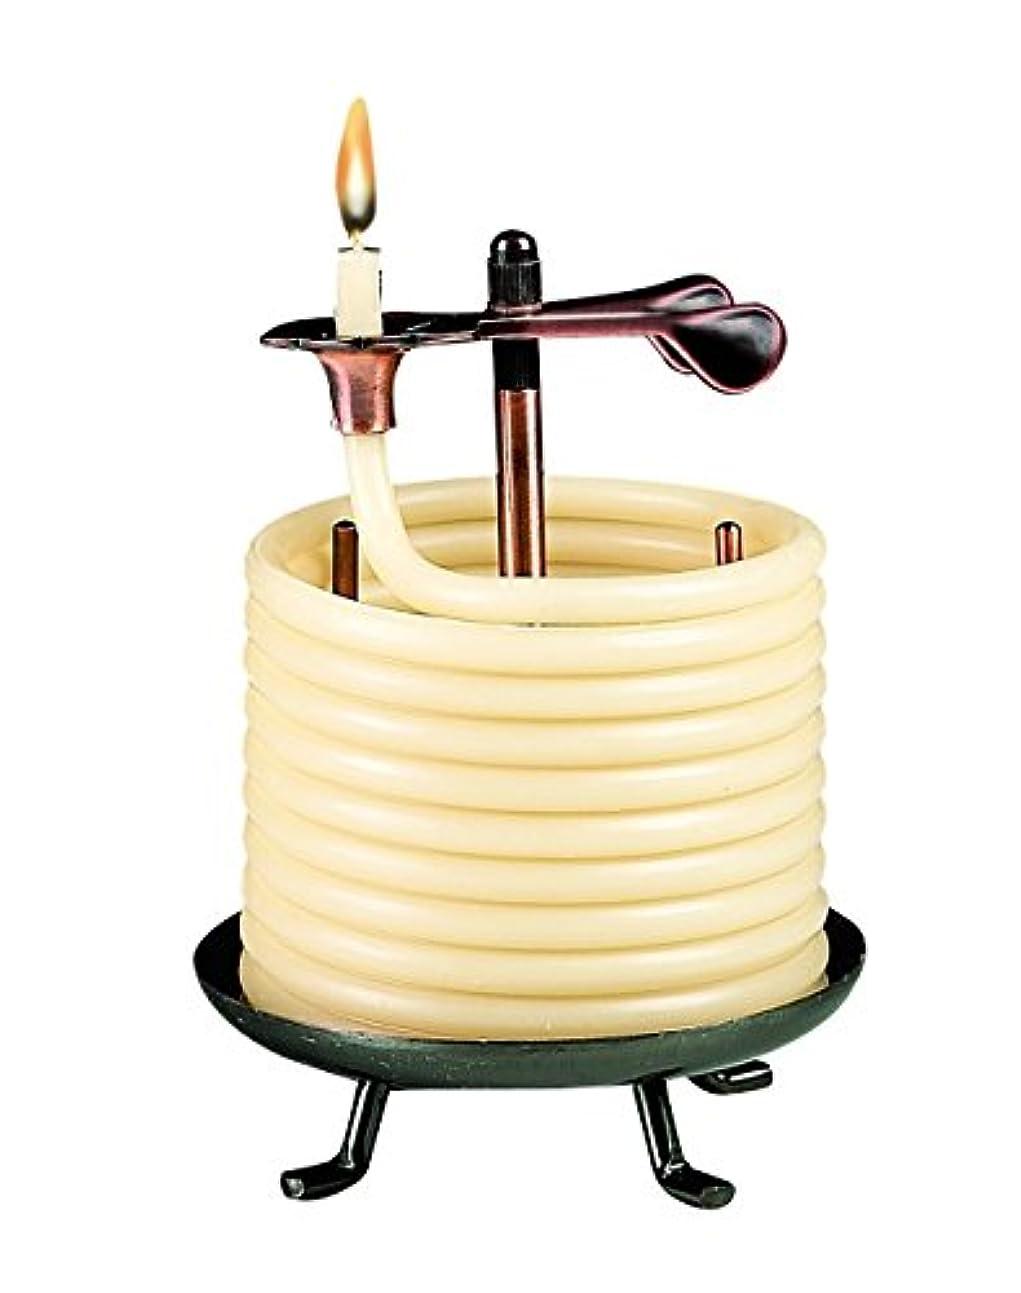 コカイン不適切なジョブCandle by the Hour 60-Hour Candle, Eco-friendly Natural Beeswax with Cotton Wick by Candle by the Hour